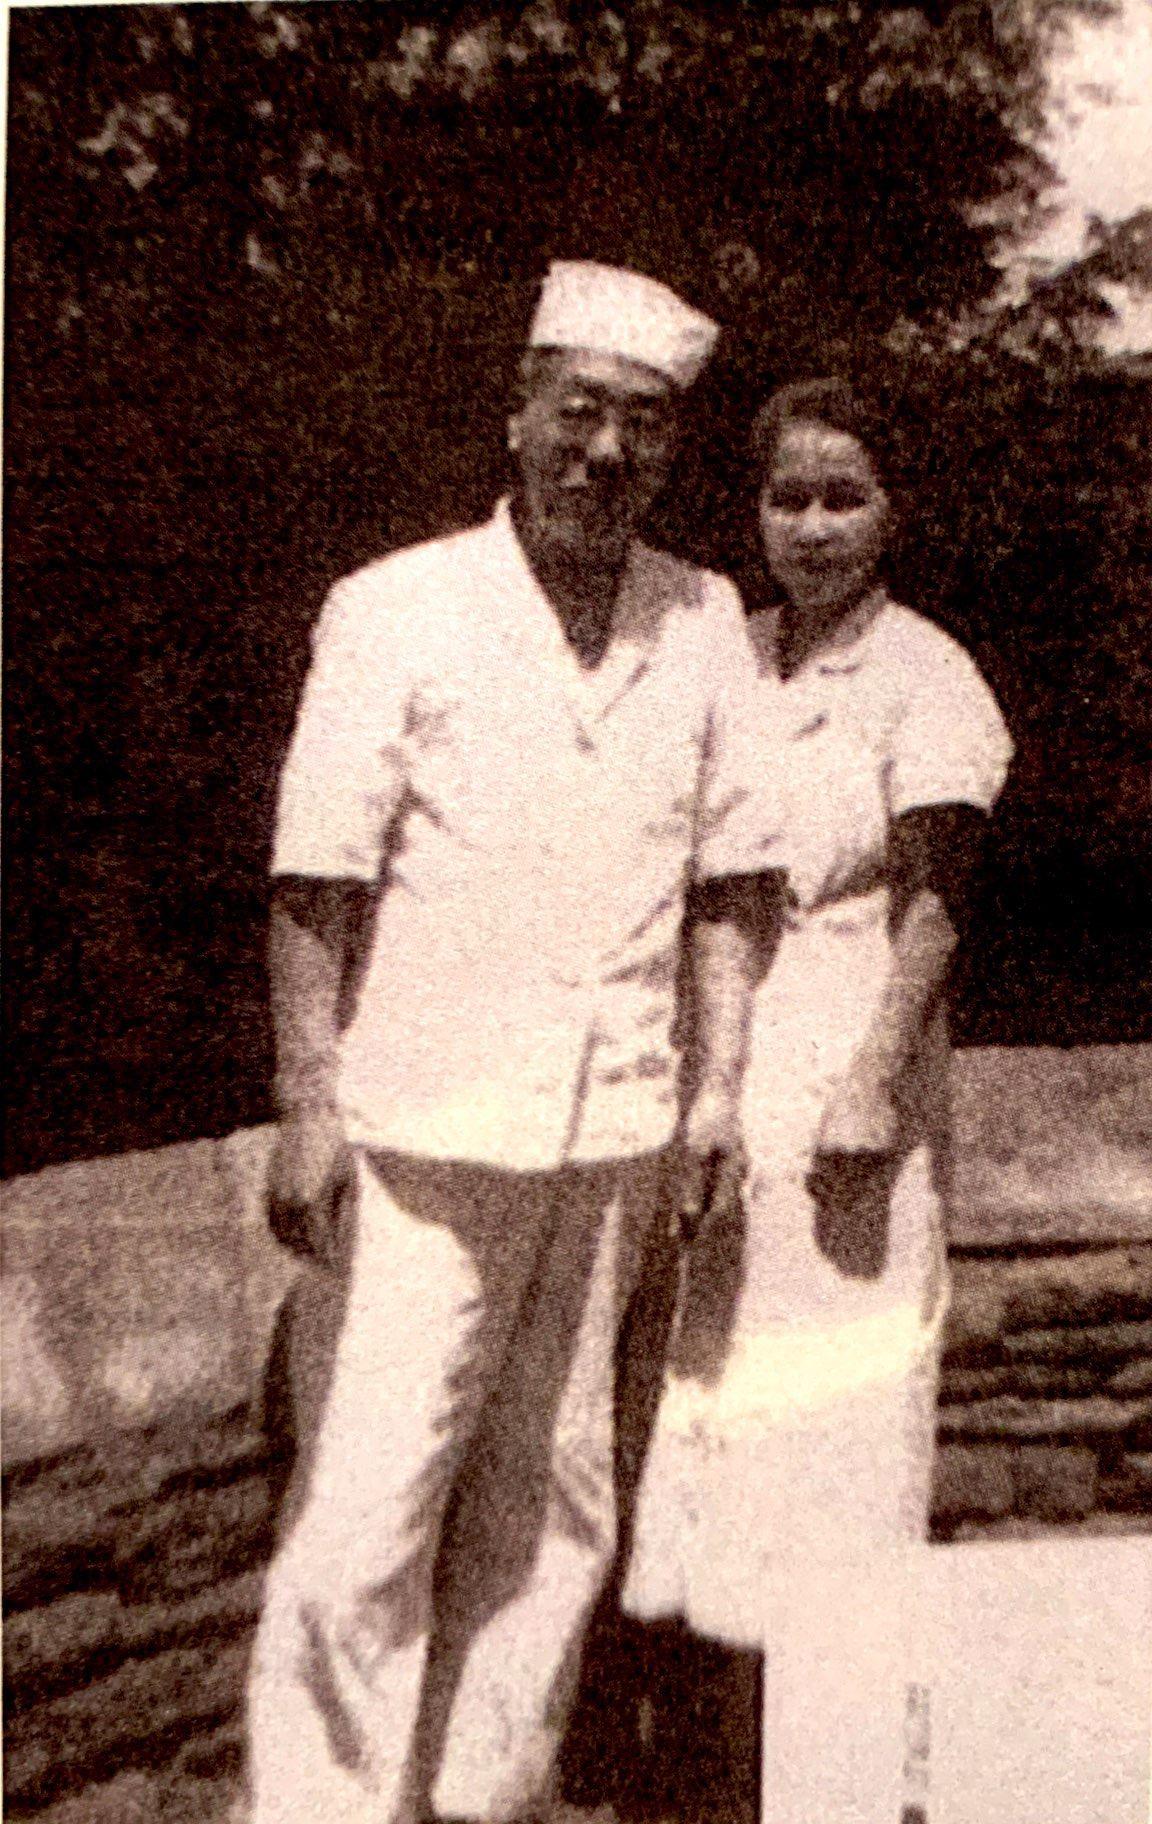 Frank and Maki Tanaka